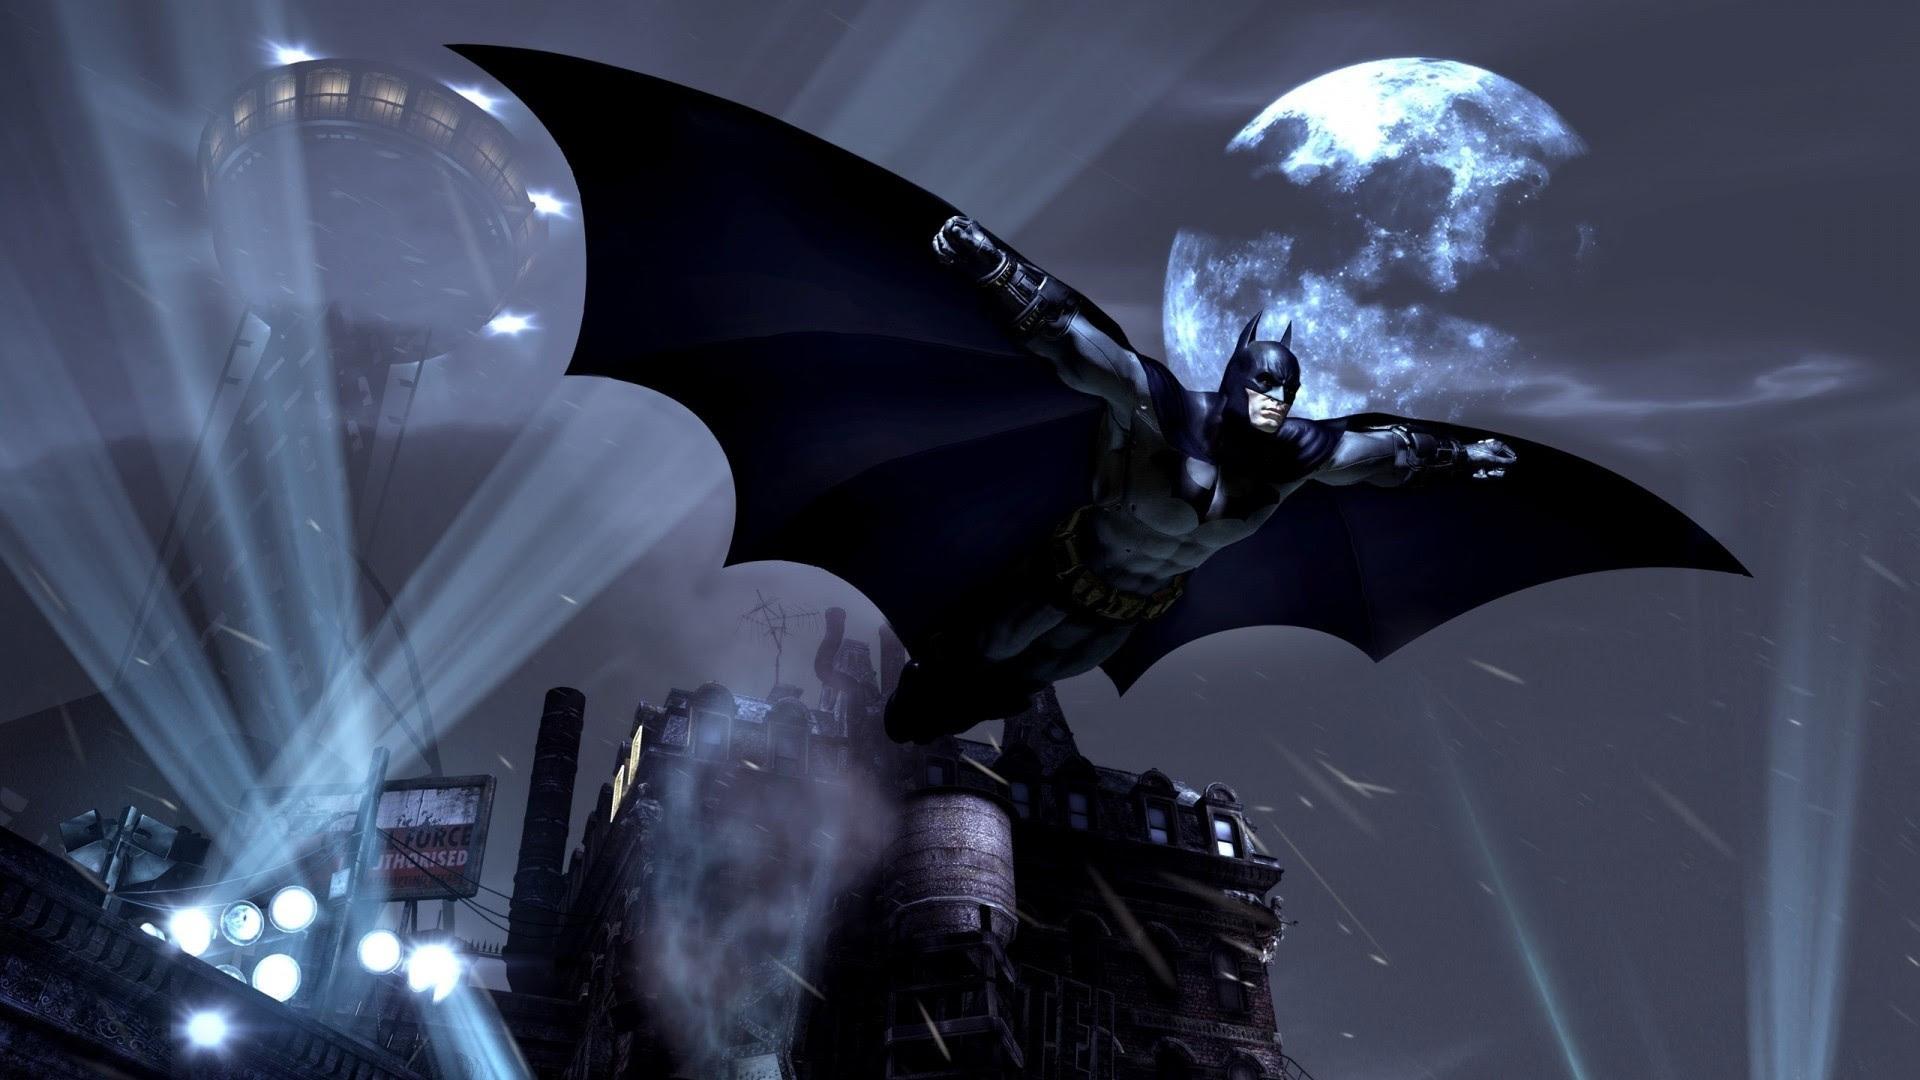 Batman HD Desktop Wallpaper 1920x1080 78+ images